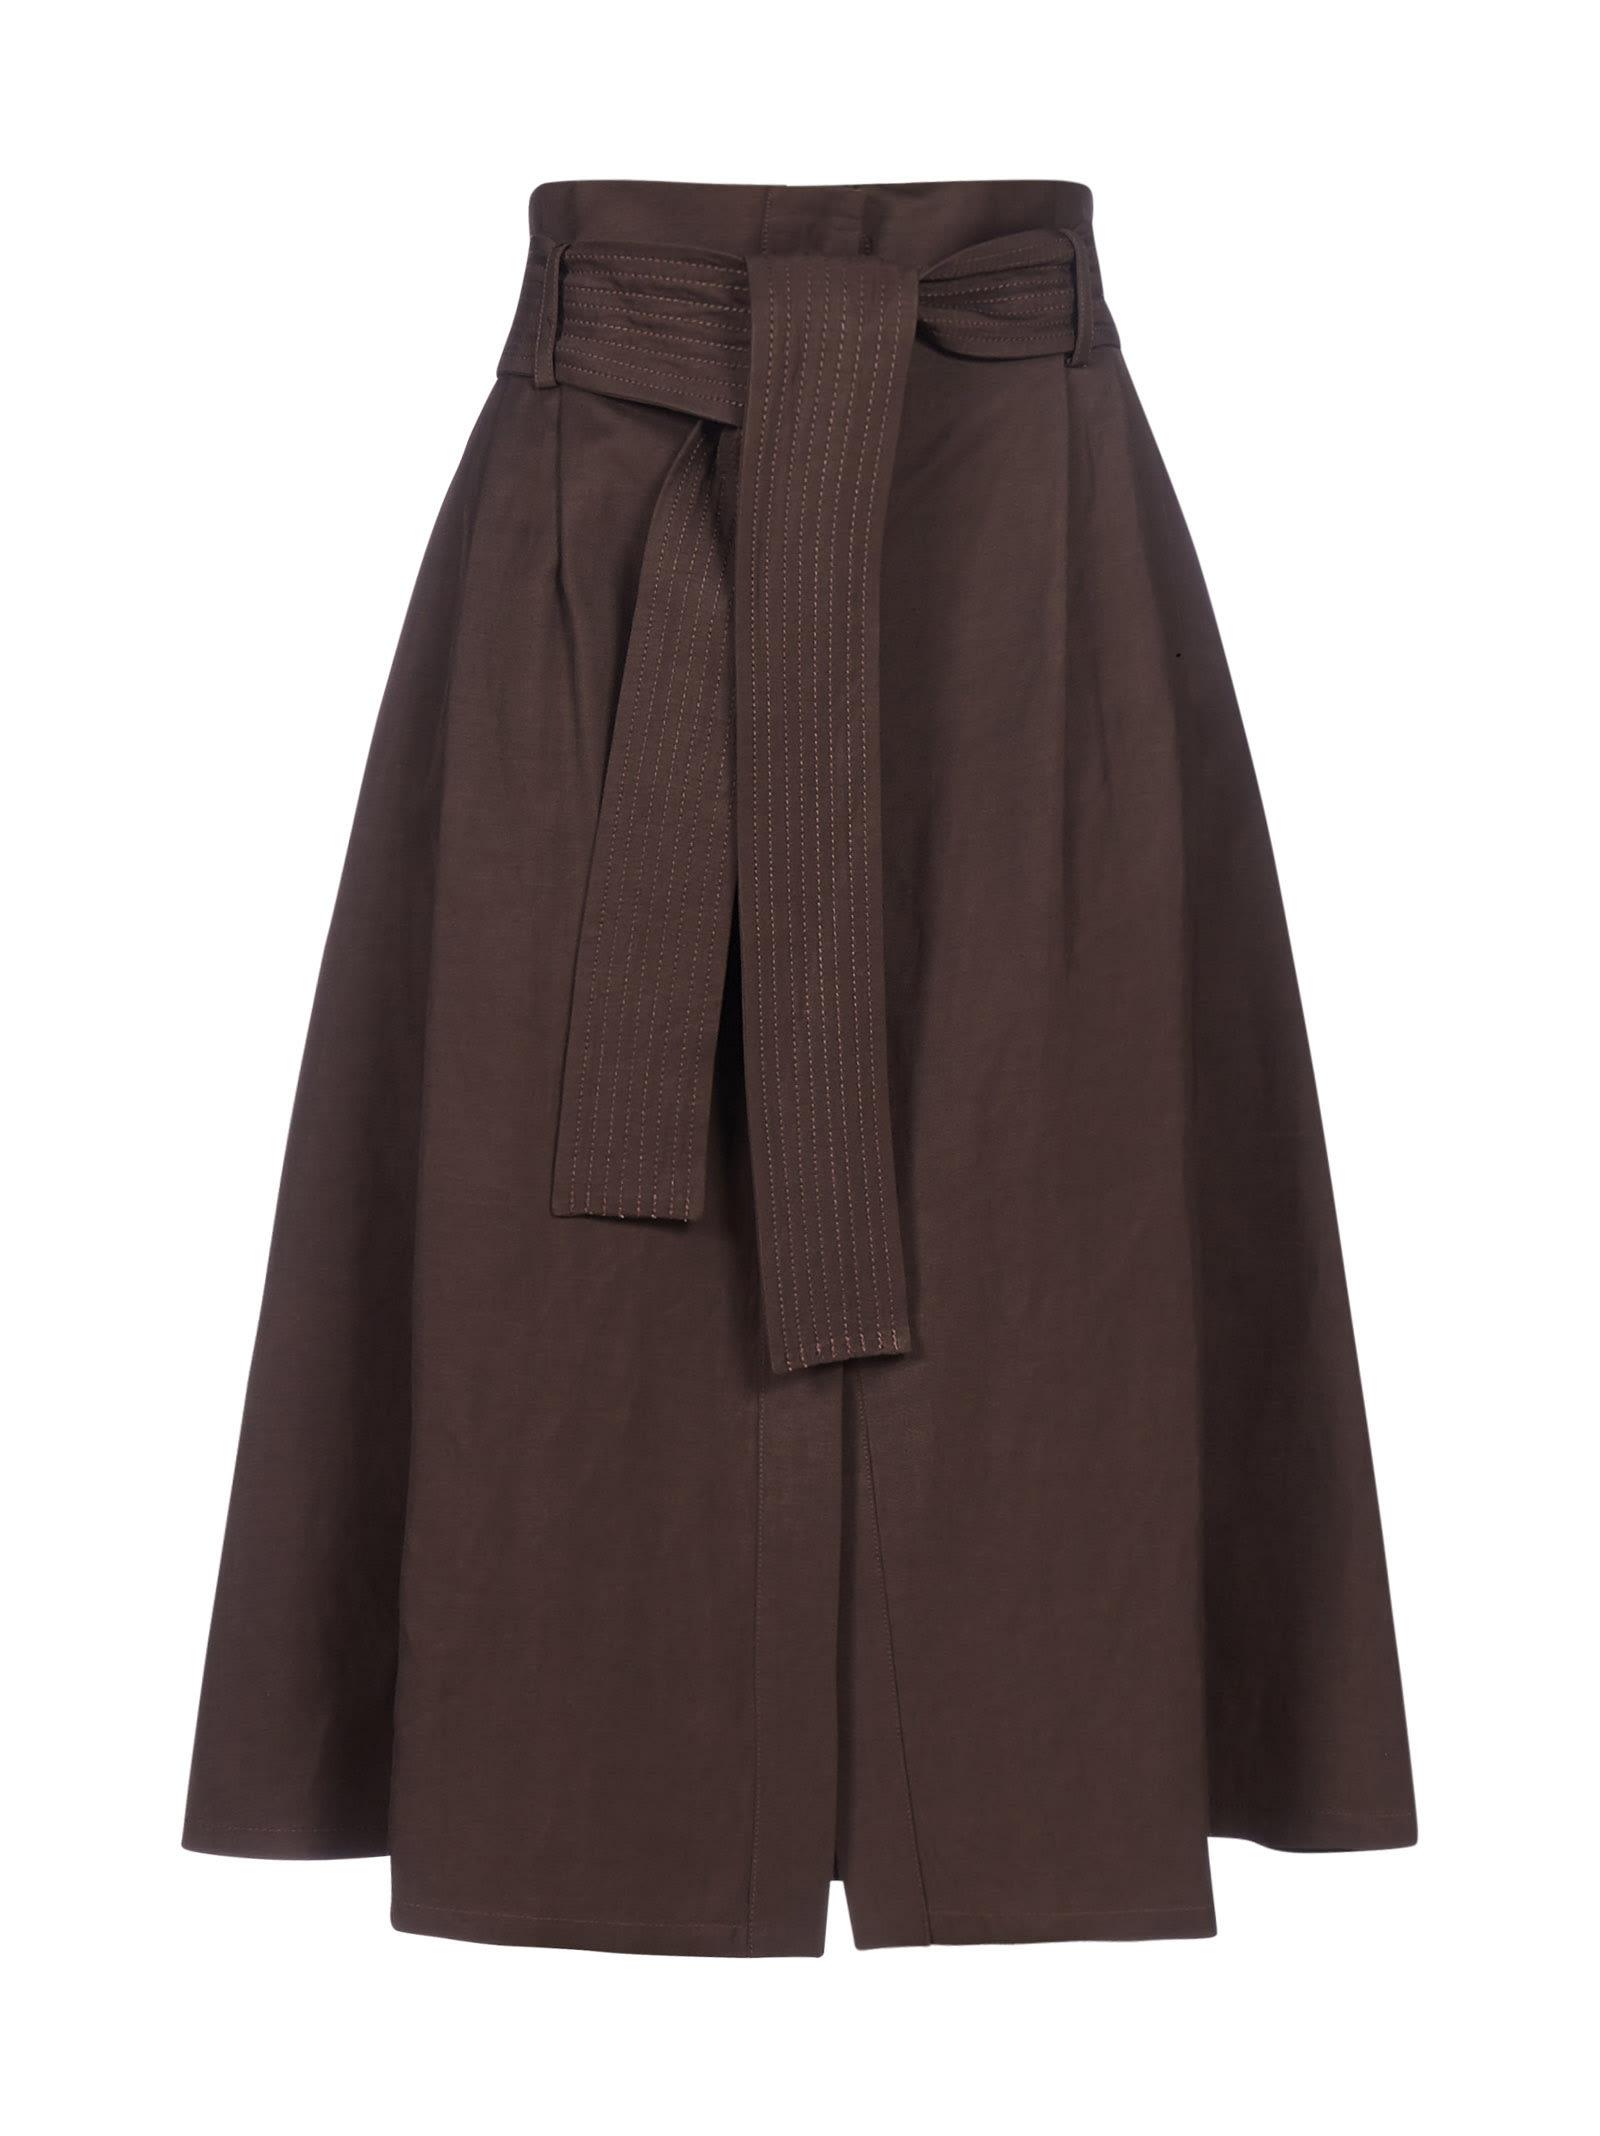 P.a.r.o.s.h. Skirts SKIRT